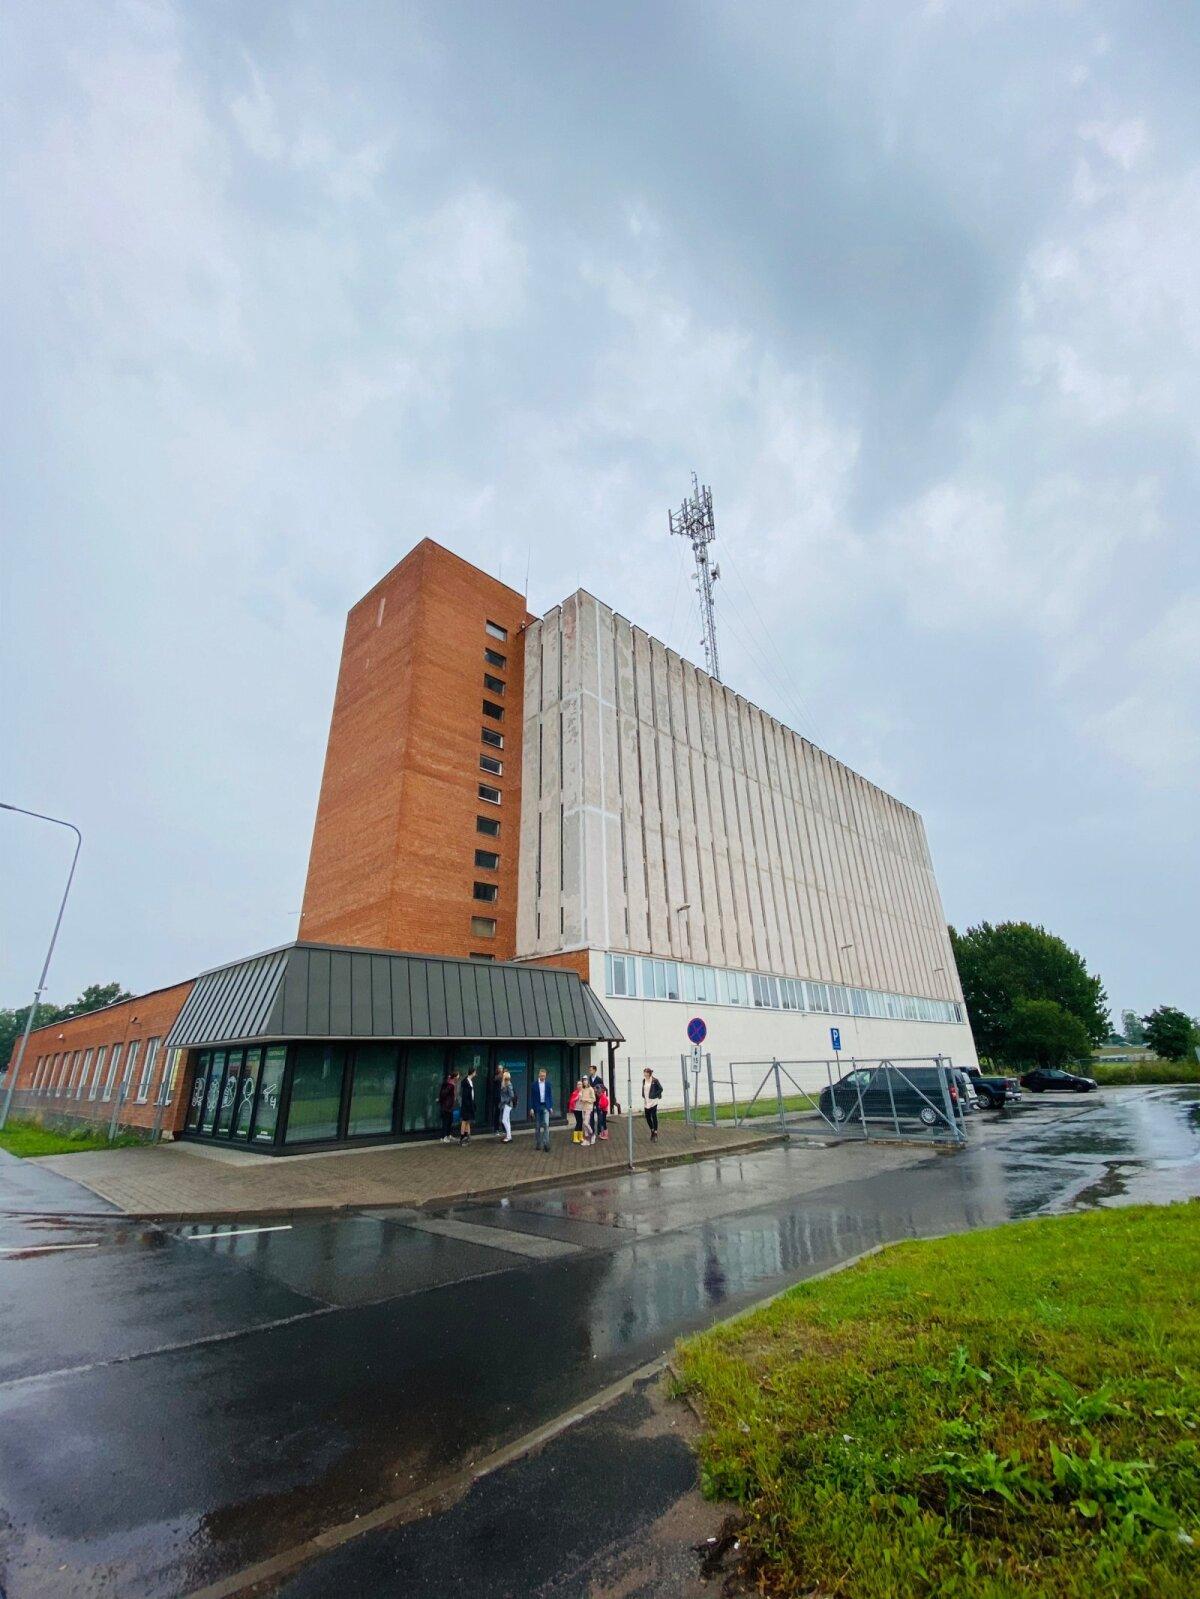 Tehnoloogiakool hakkab asuma majas, kus praegu on pilveplatvormi Pilw.io andmekeskus.